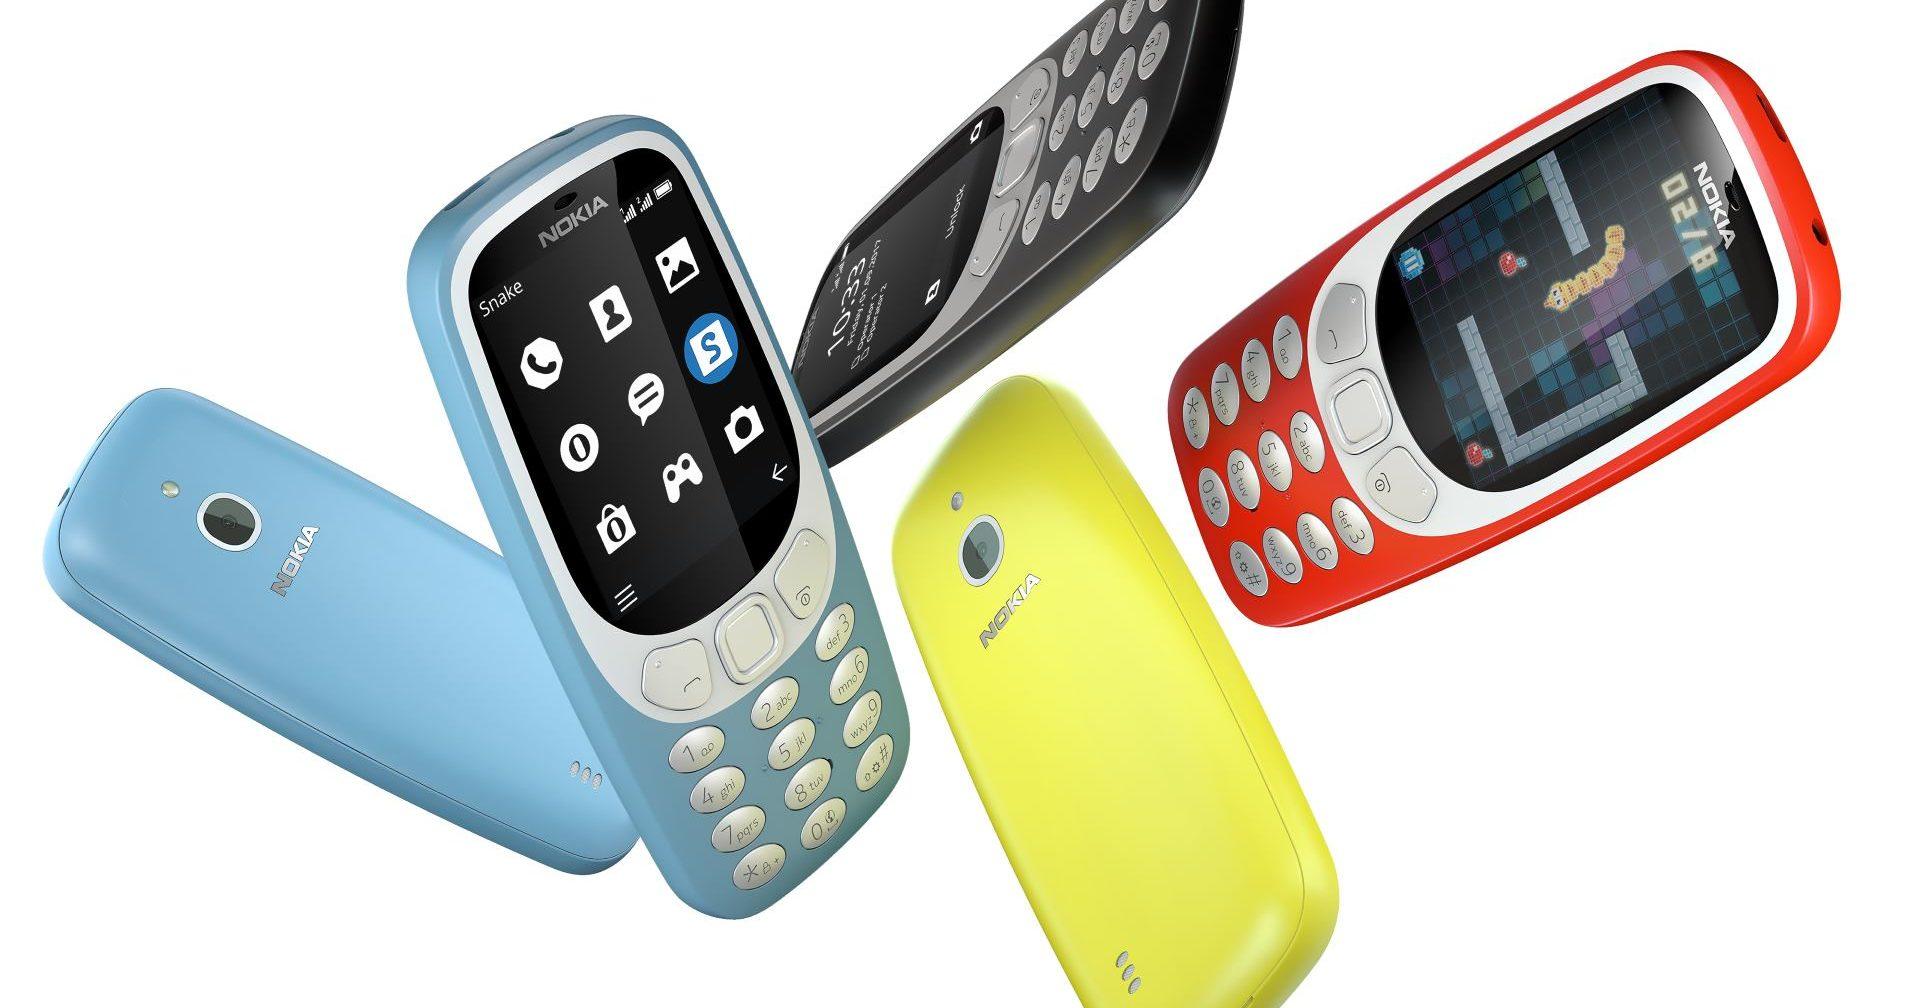 VIDEO: NOKIA 3310 3G Miks nostalgije i poboljšanog korisničkog iskustva